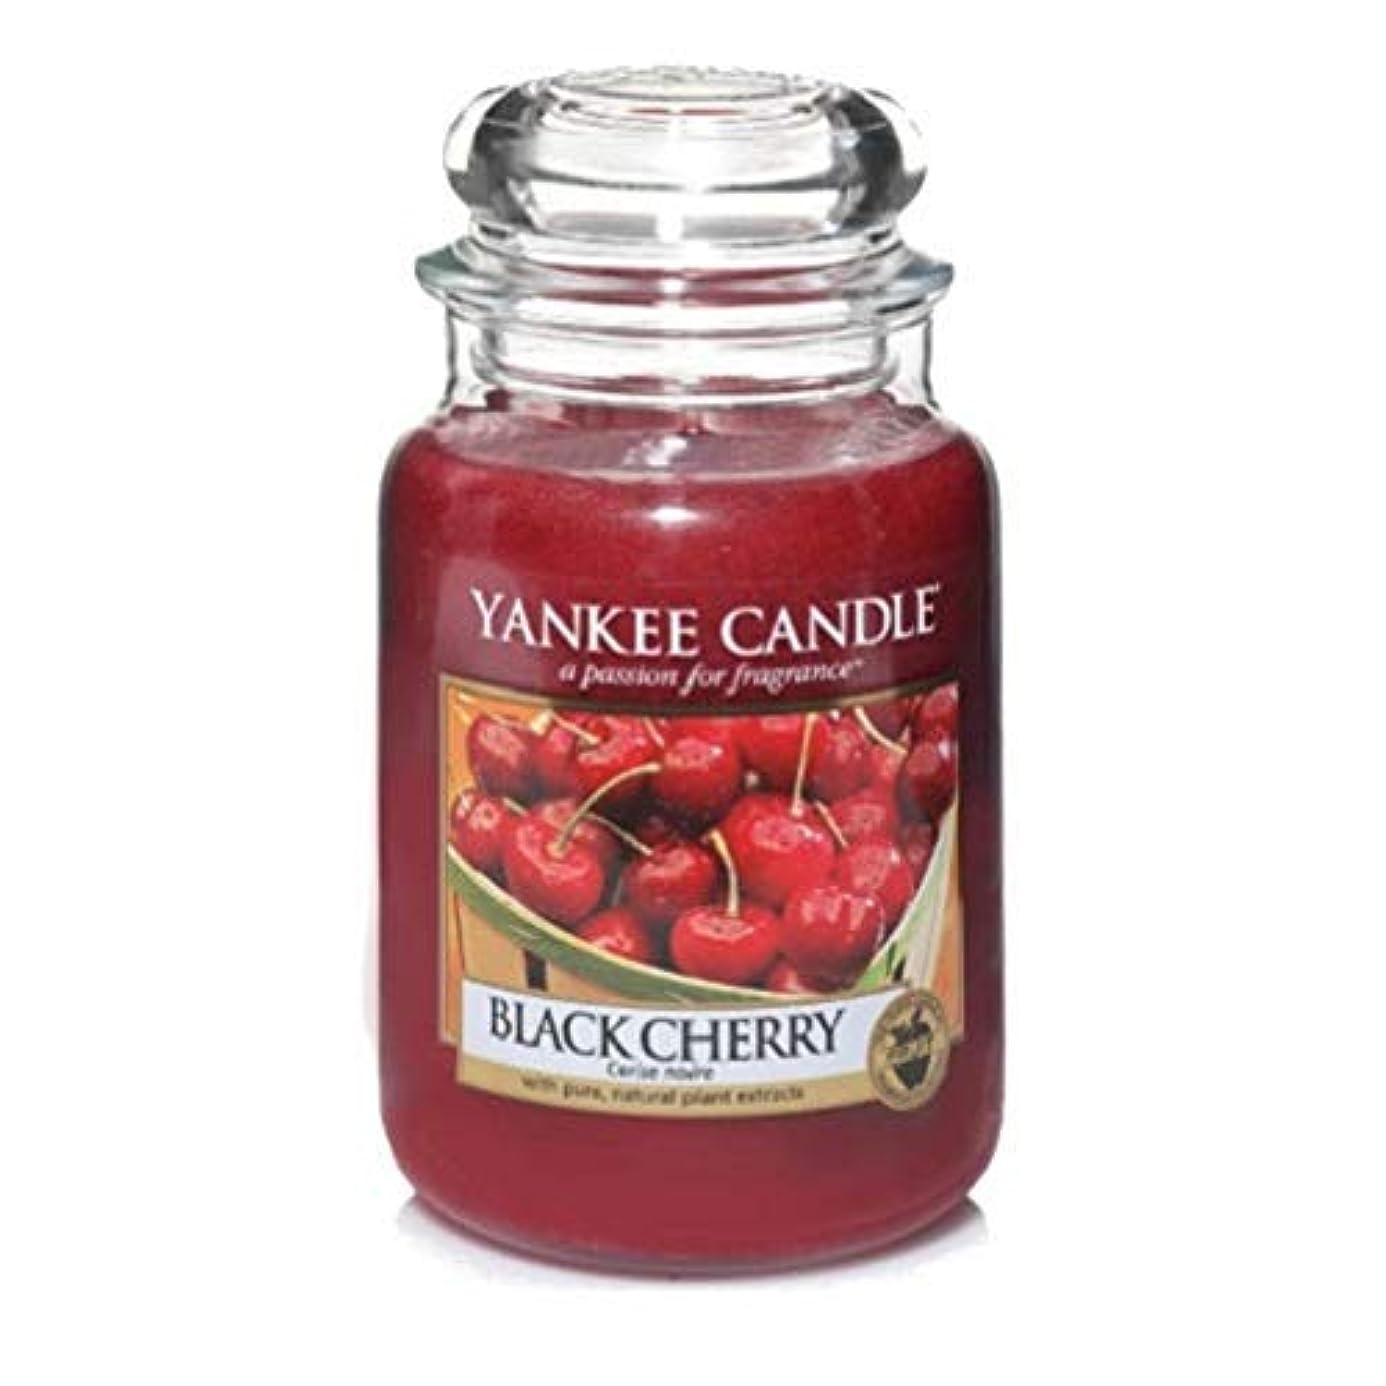 アセンブリ勝利した集団的Yankee Candle 22-Ounce Jar Scented Candle, Large, Black Cherry by Amazon source [並行輸入品]